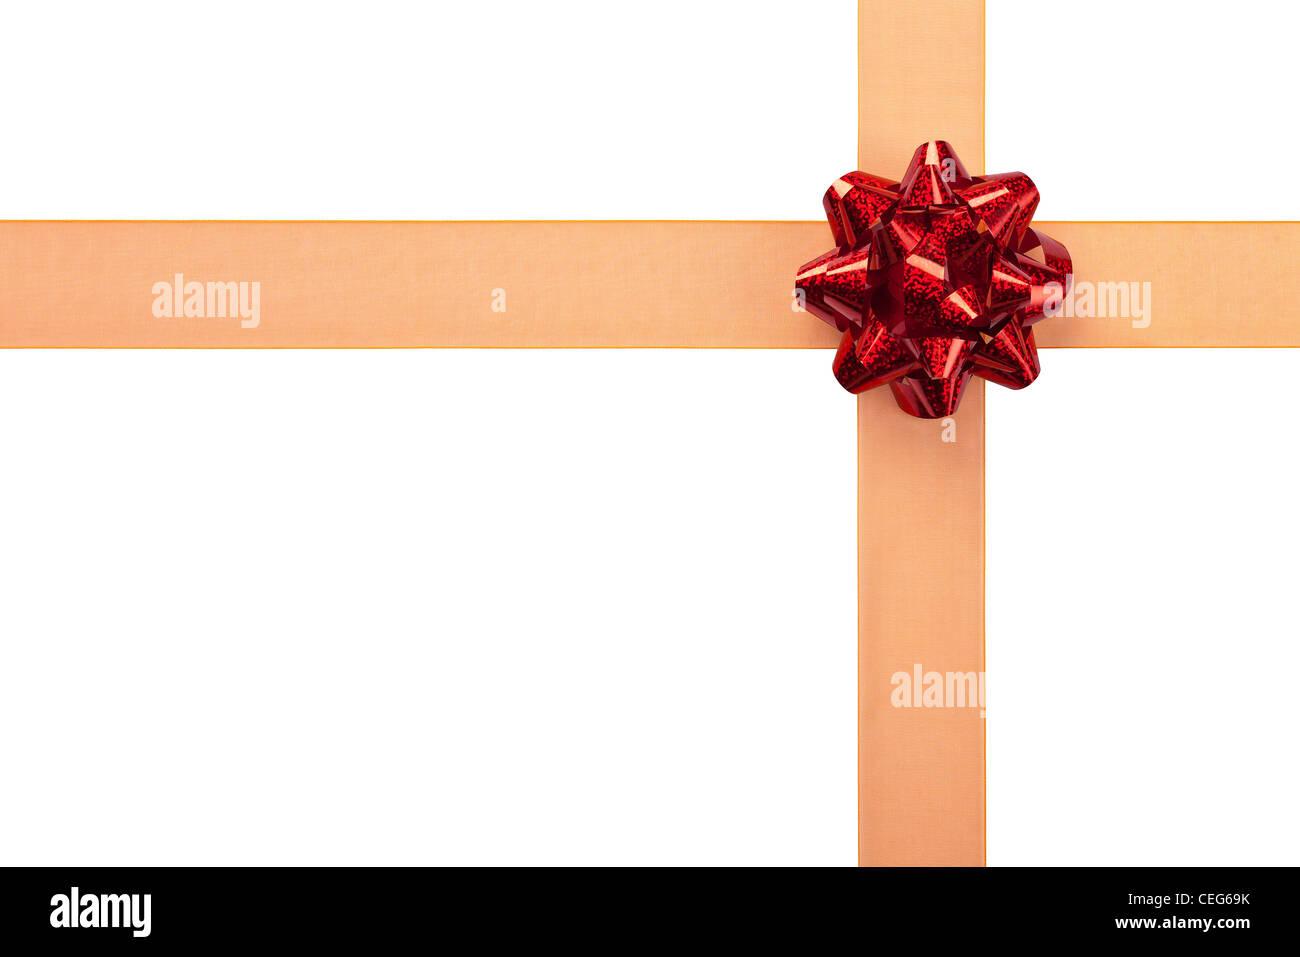 Nastro arancione con il rosso vivace Bow confezione regalo Immagini Stock